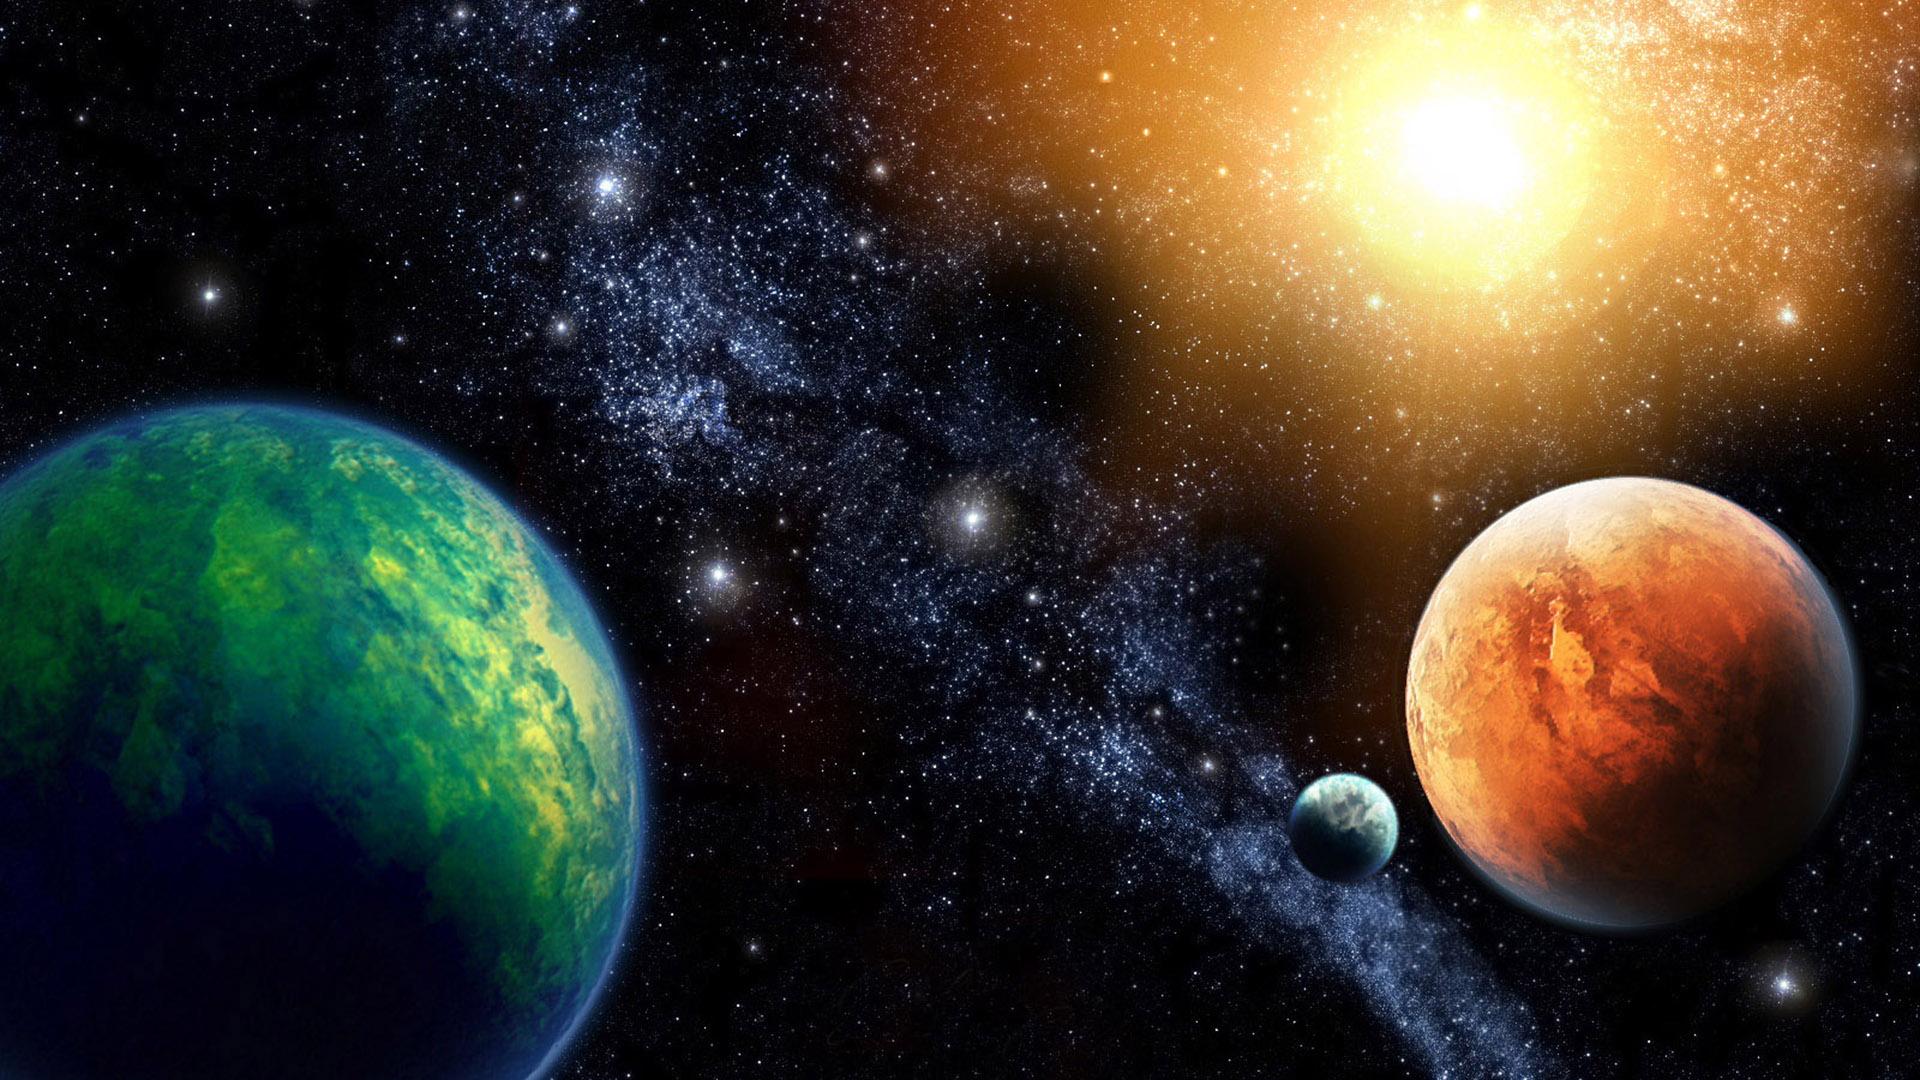 планеты, яркое солнце, космос, space wallpaper, скачать фото